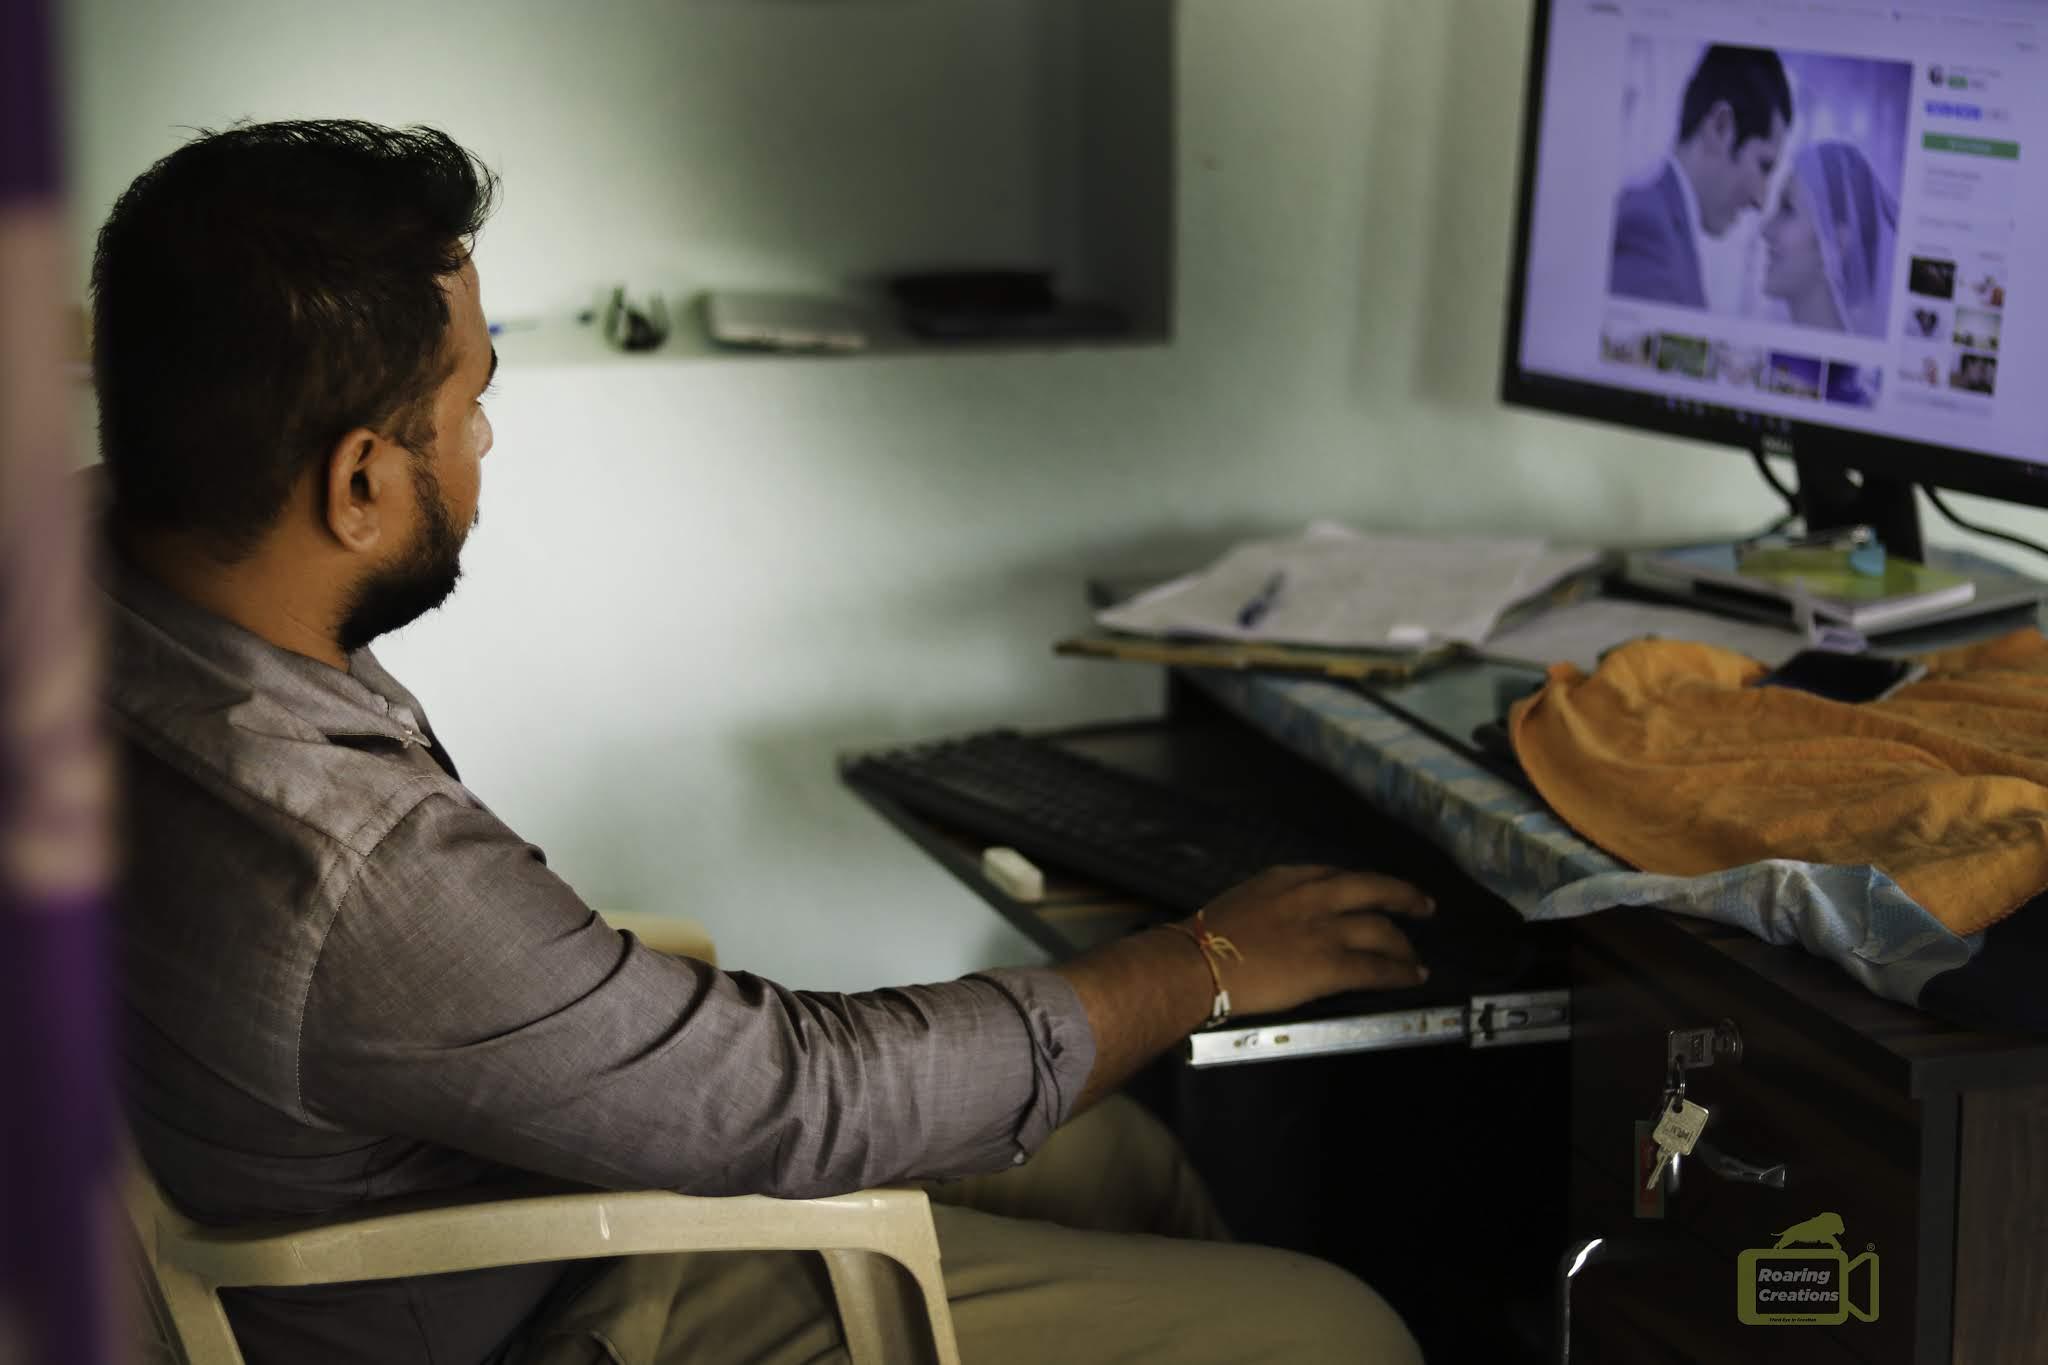 ಬಿಜನೆಸ್ ಲೆಸನ್ - 0 - ನಾನೇಕೆ ಗವರ್ನಮೆಂಟ ಜಾಬ್ ಬಿಟ್ಟು ಬಿಜನೆಸ್ ಸ್ಟಾರ್ಟ ಮಾಡಿದೆ? Why I Started Business?